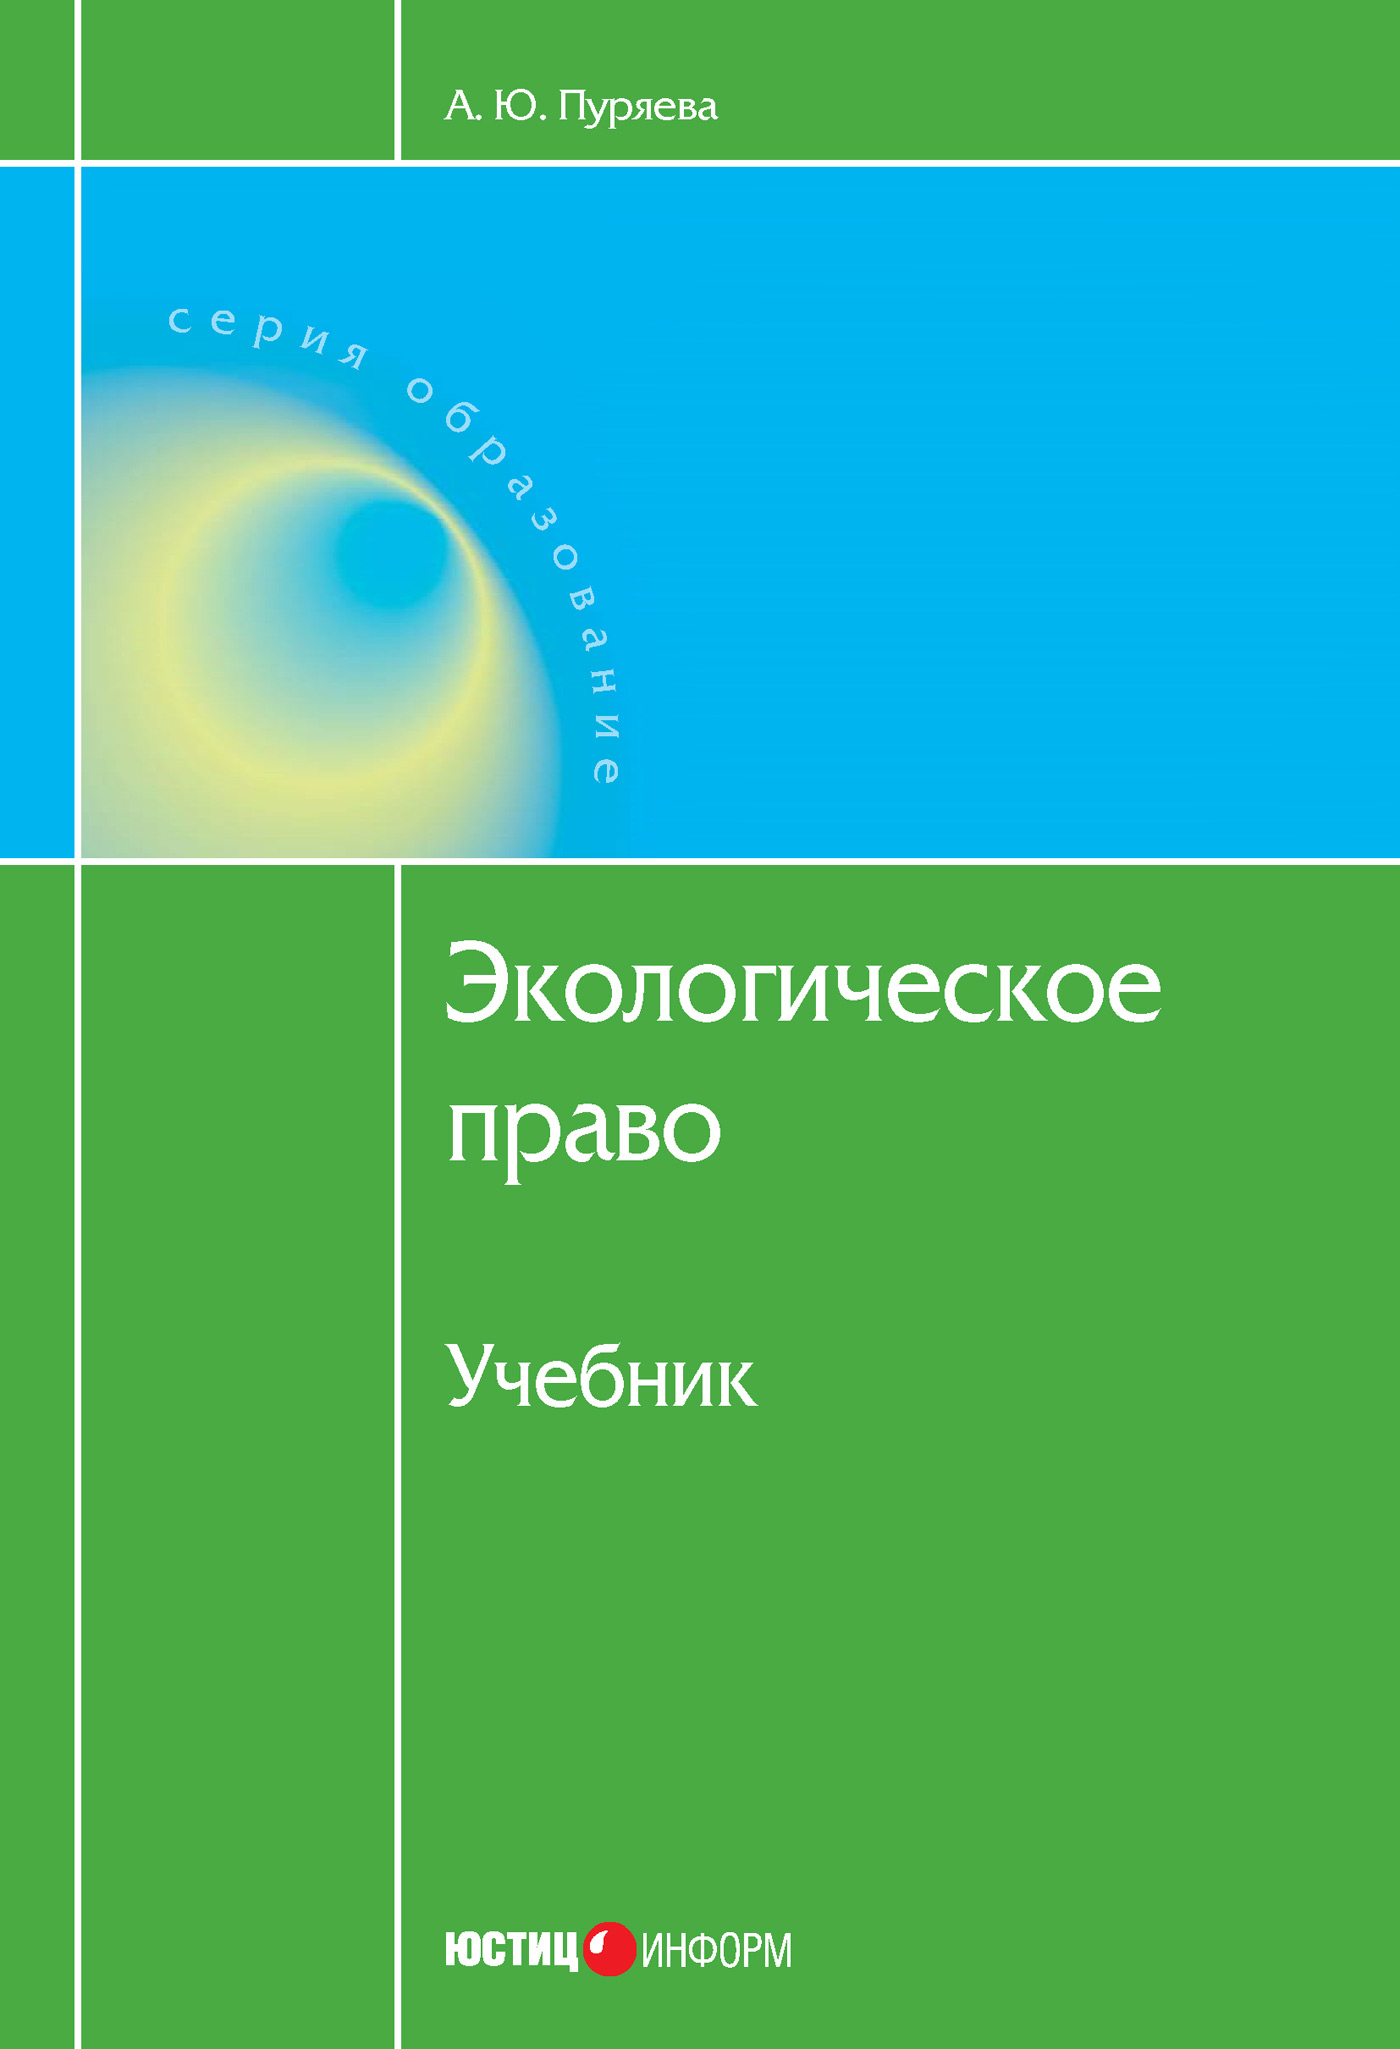 А. Ю. Пуряева Экологическое право т и макарова экологическое право